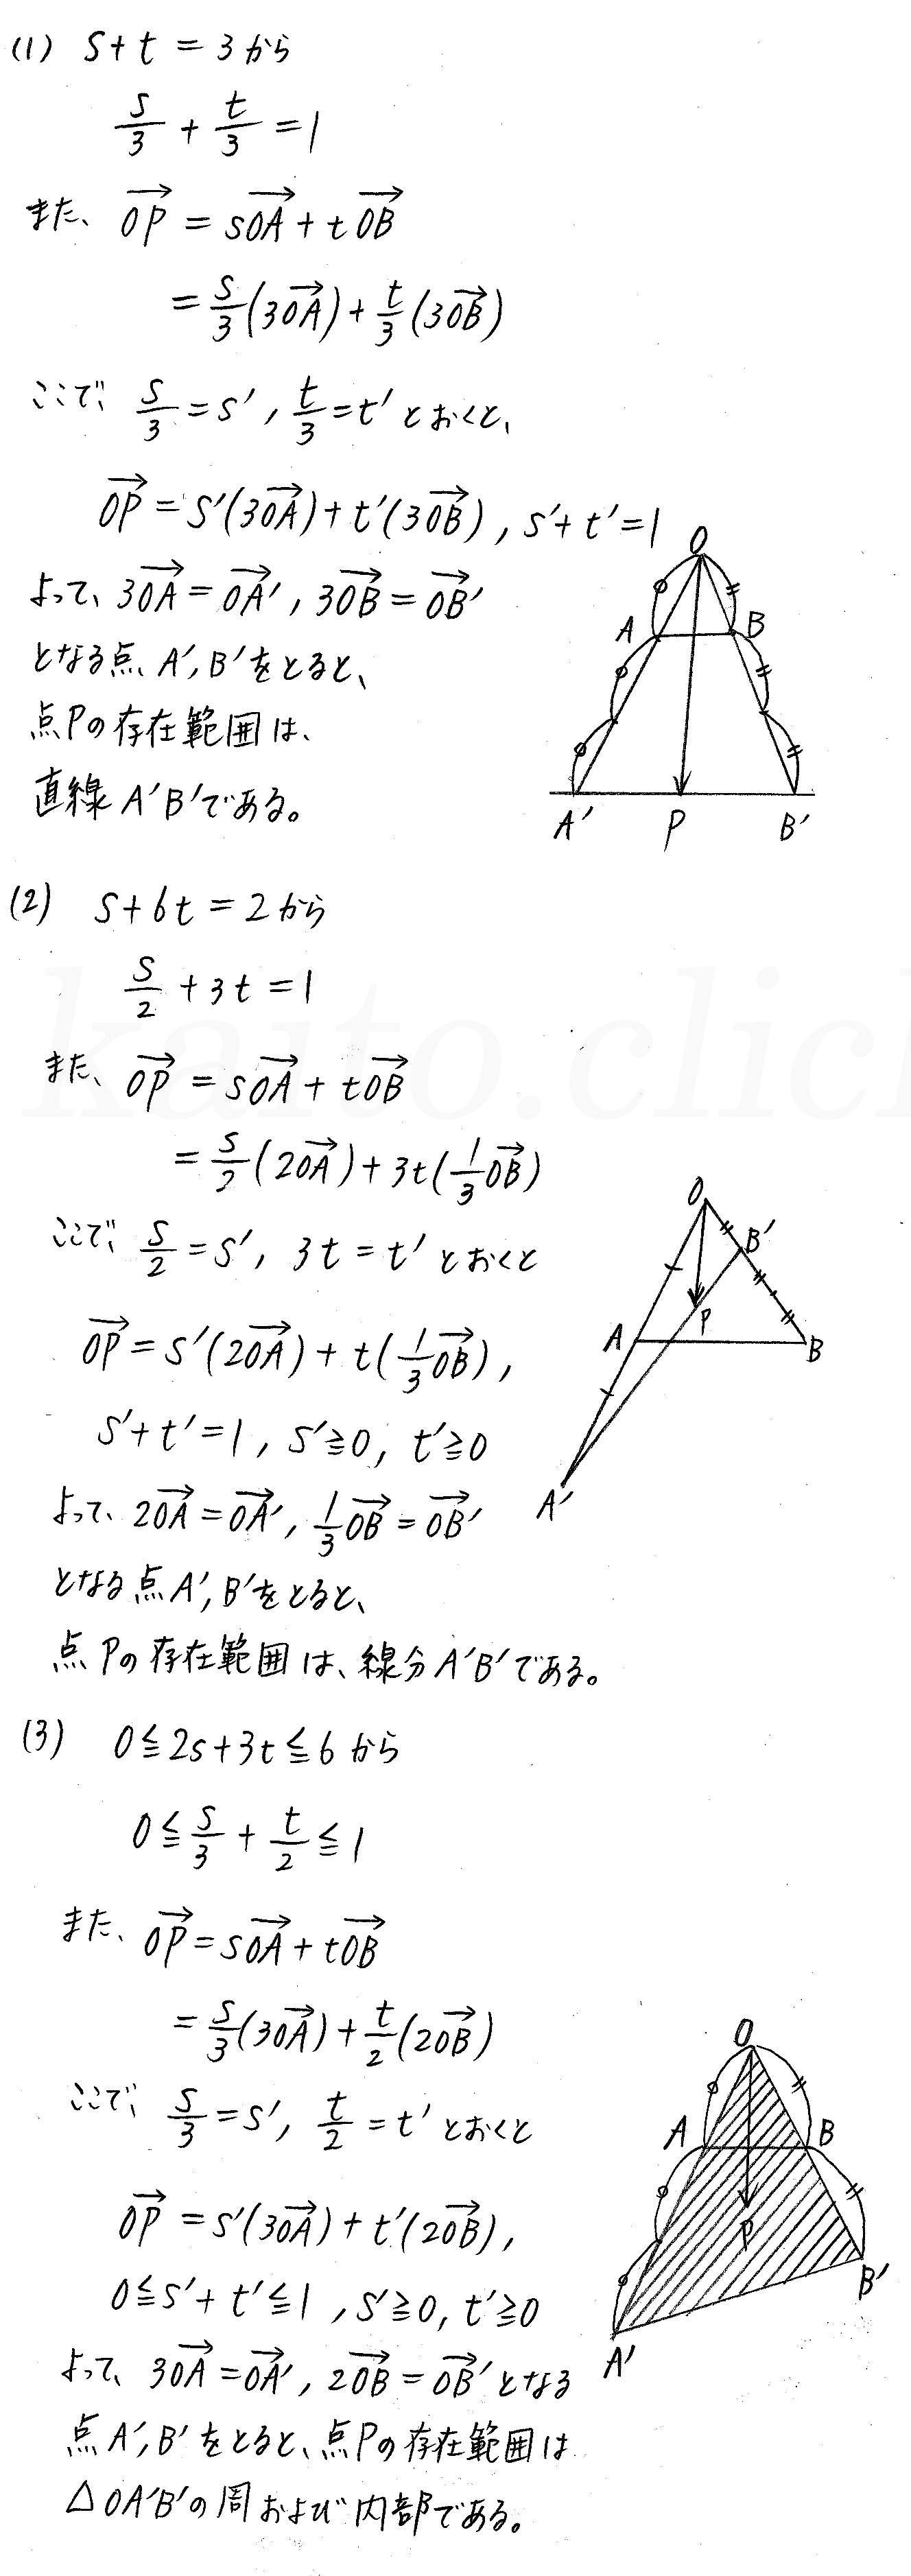 クリアー数学B-65解答